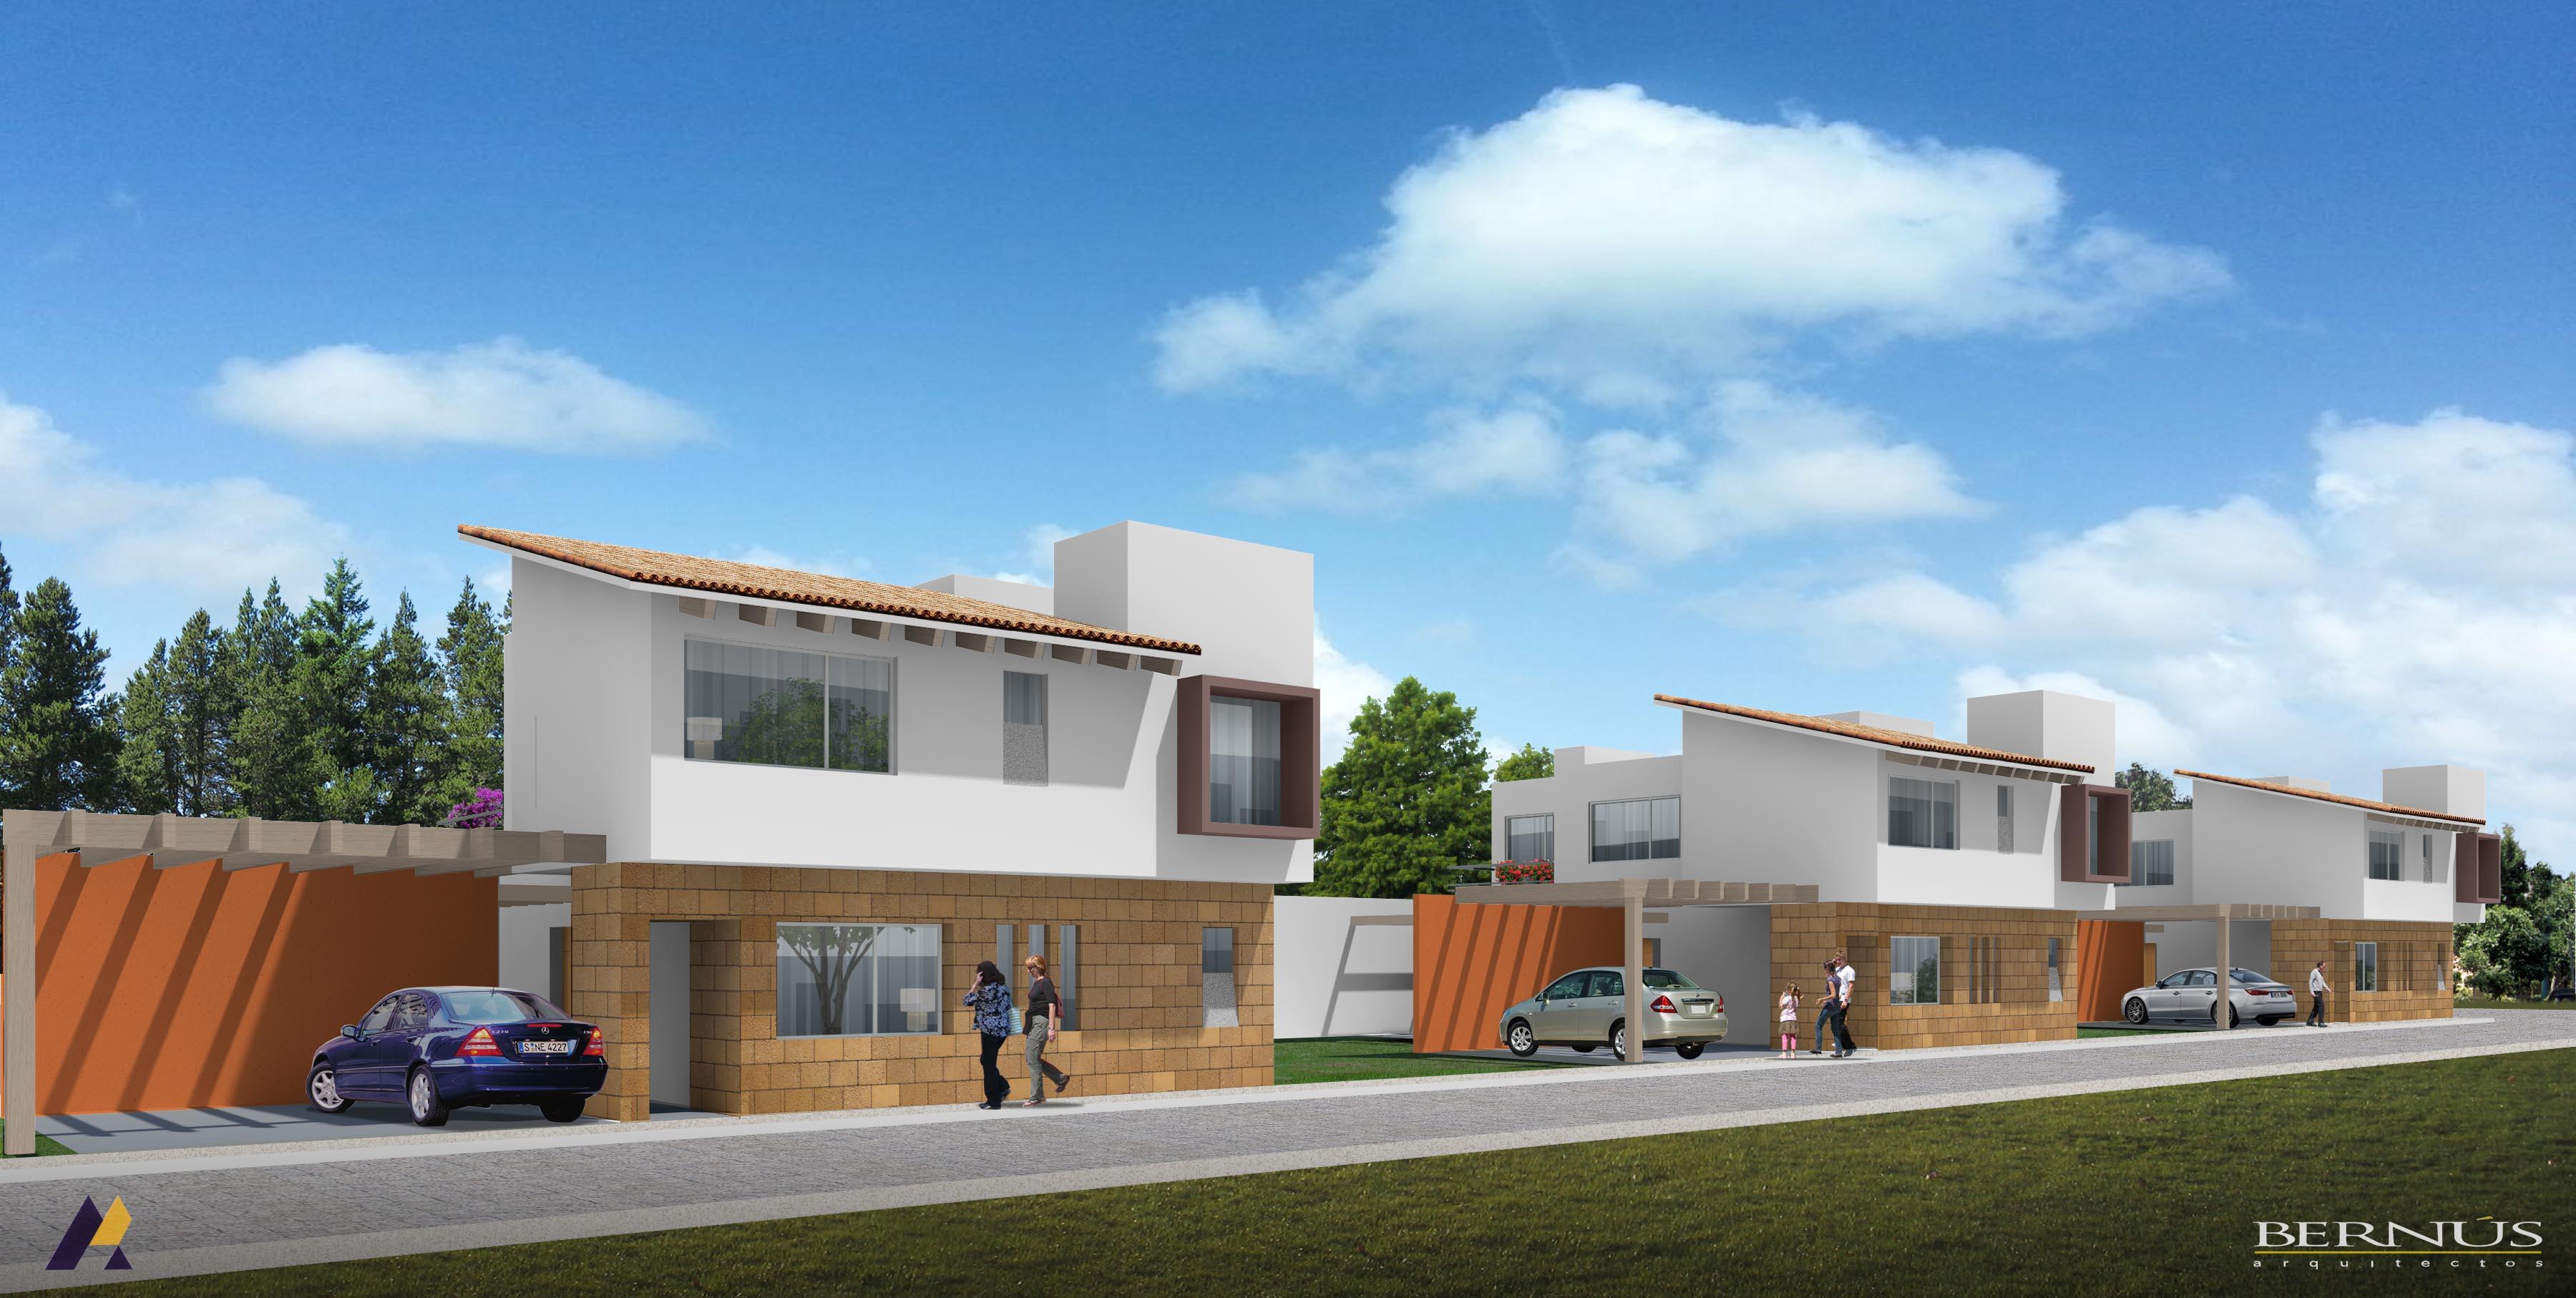 Nuevas casas en valle de bravo - Casas en llica de vall ...